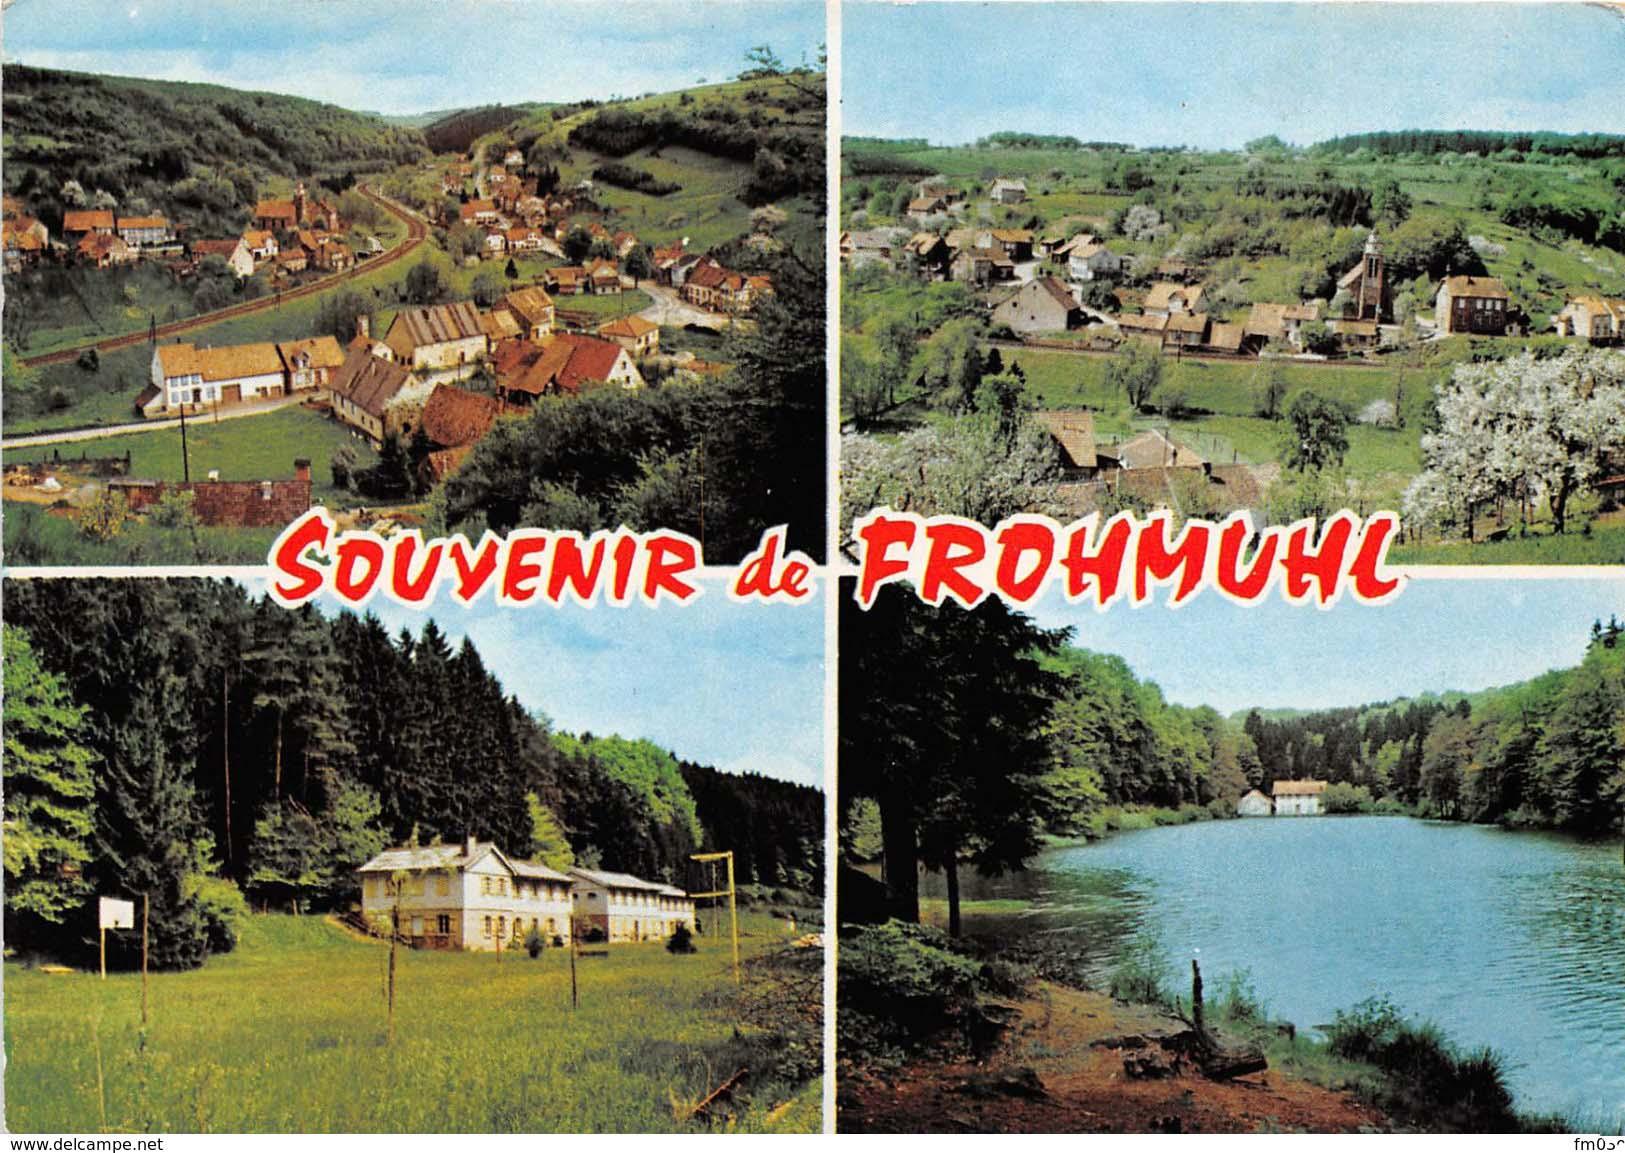 frohmuhl18-1973